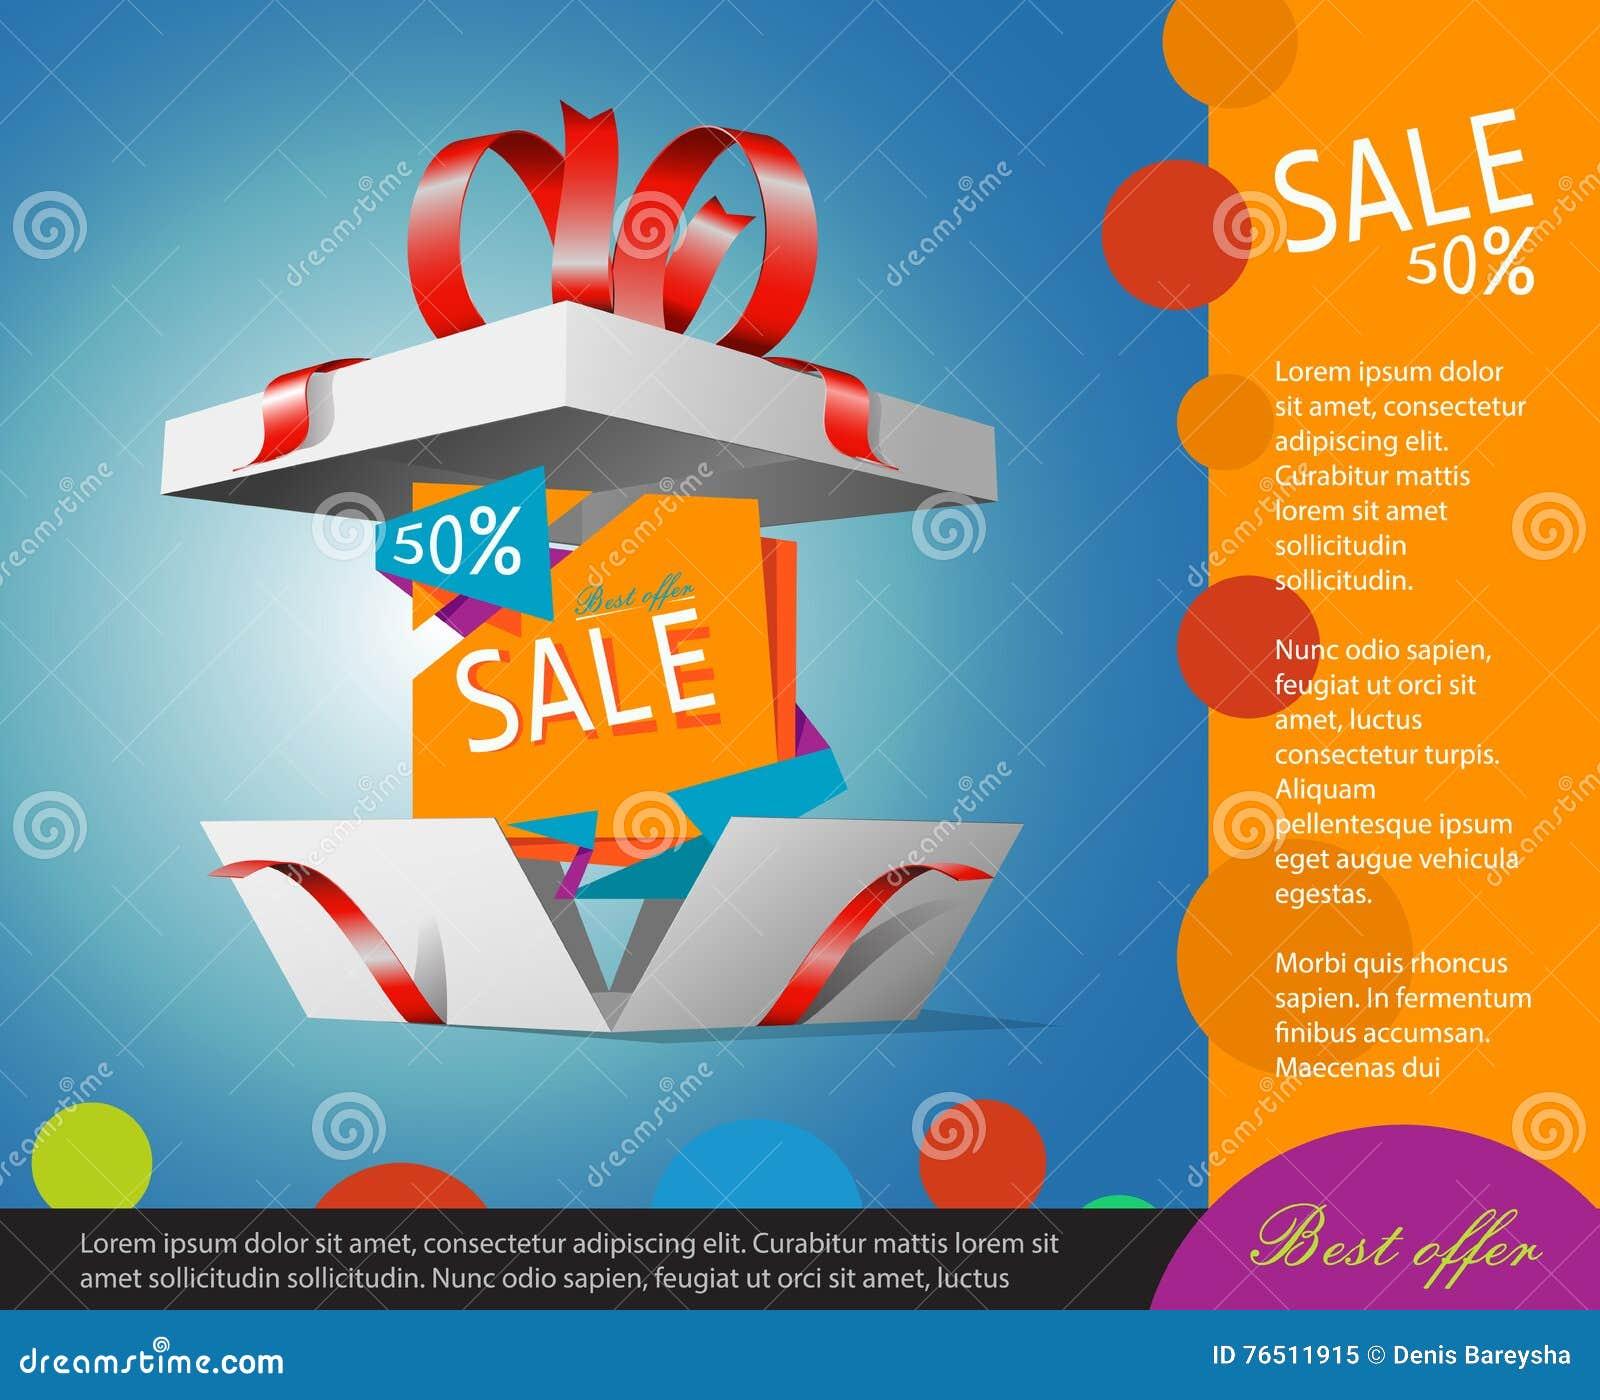 Unique deals services gifts